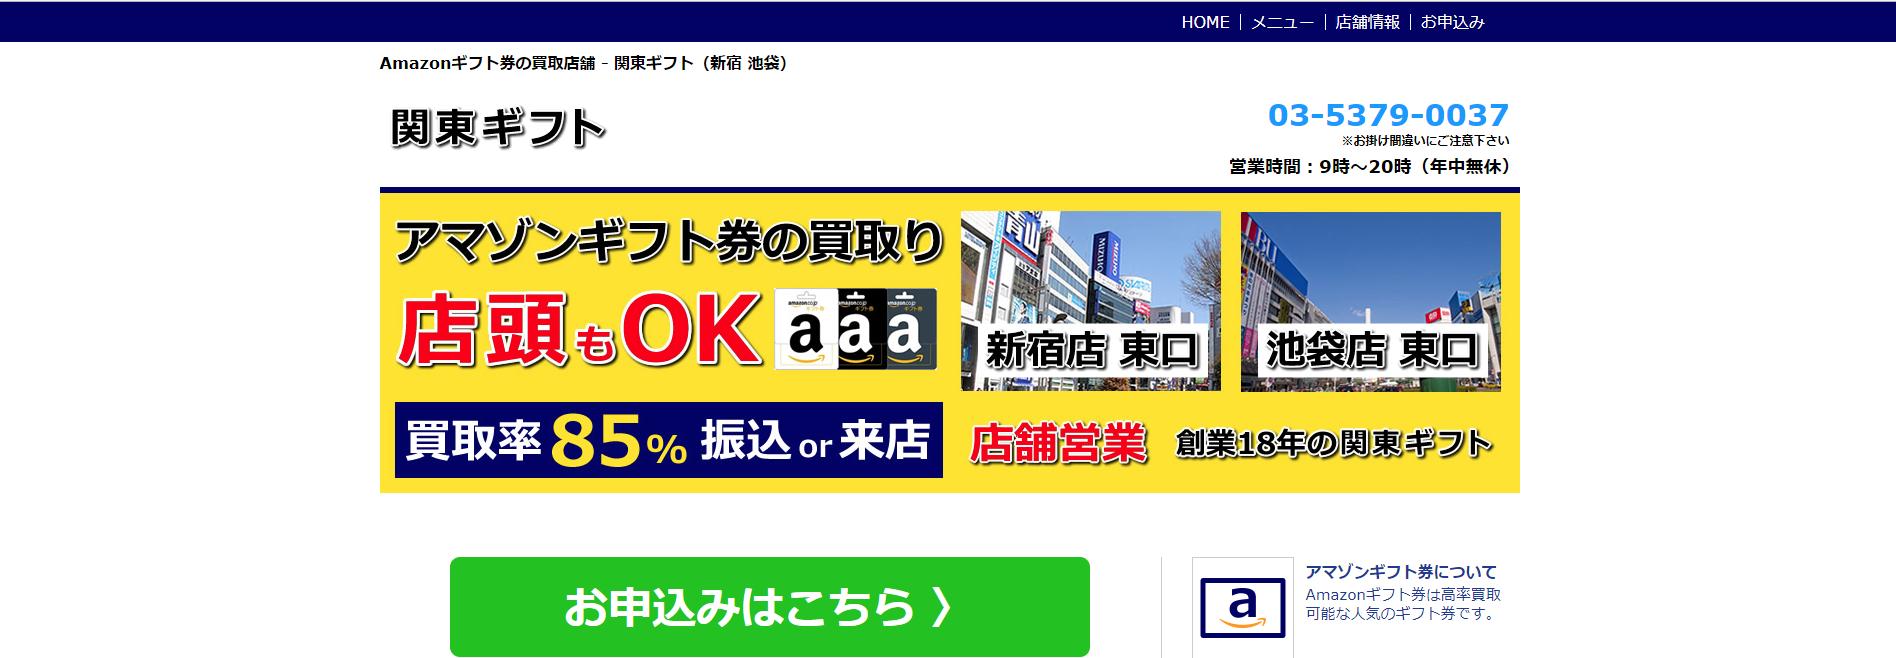 関東ギフト 池袋店